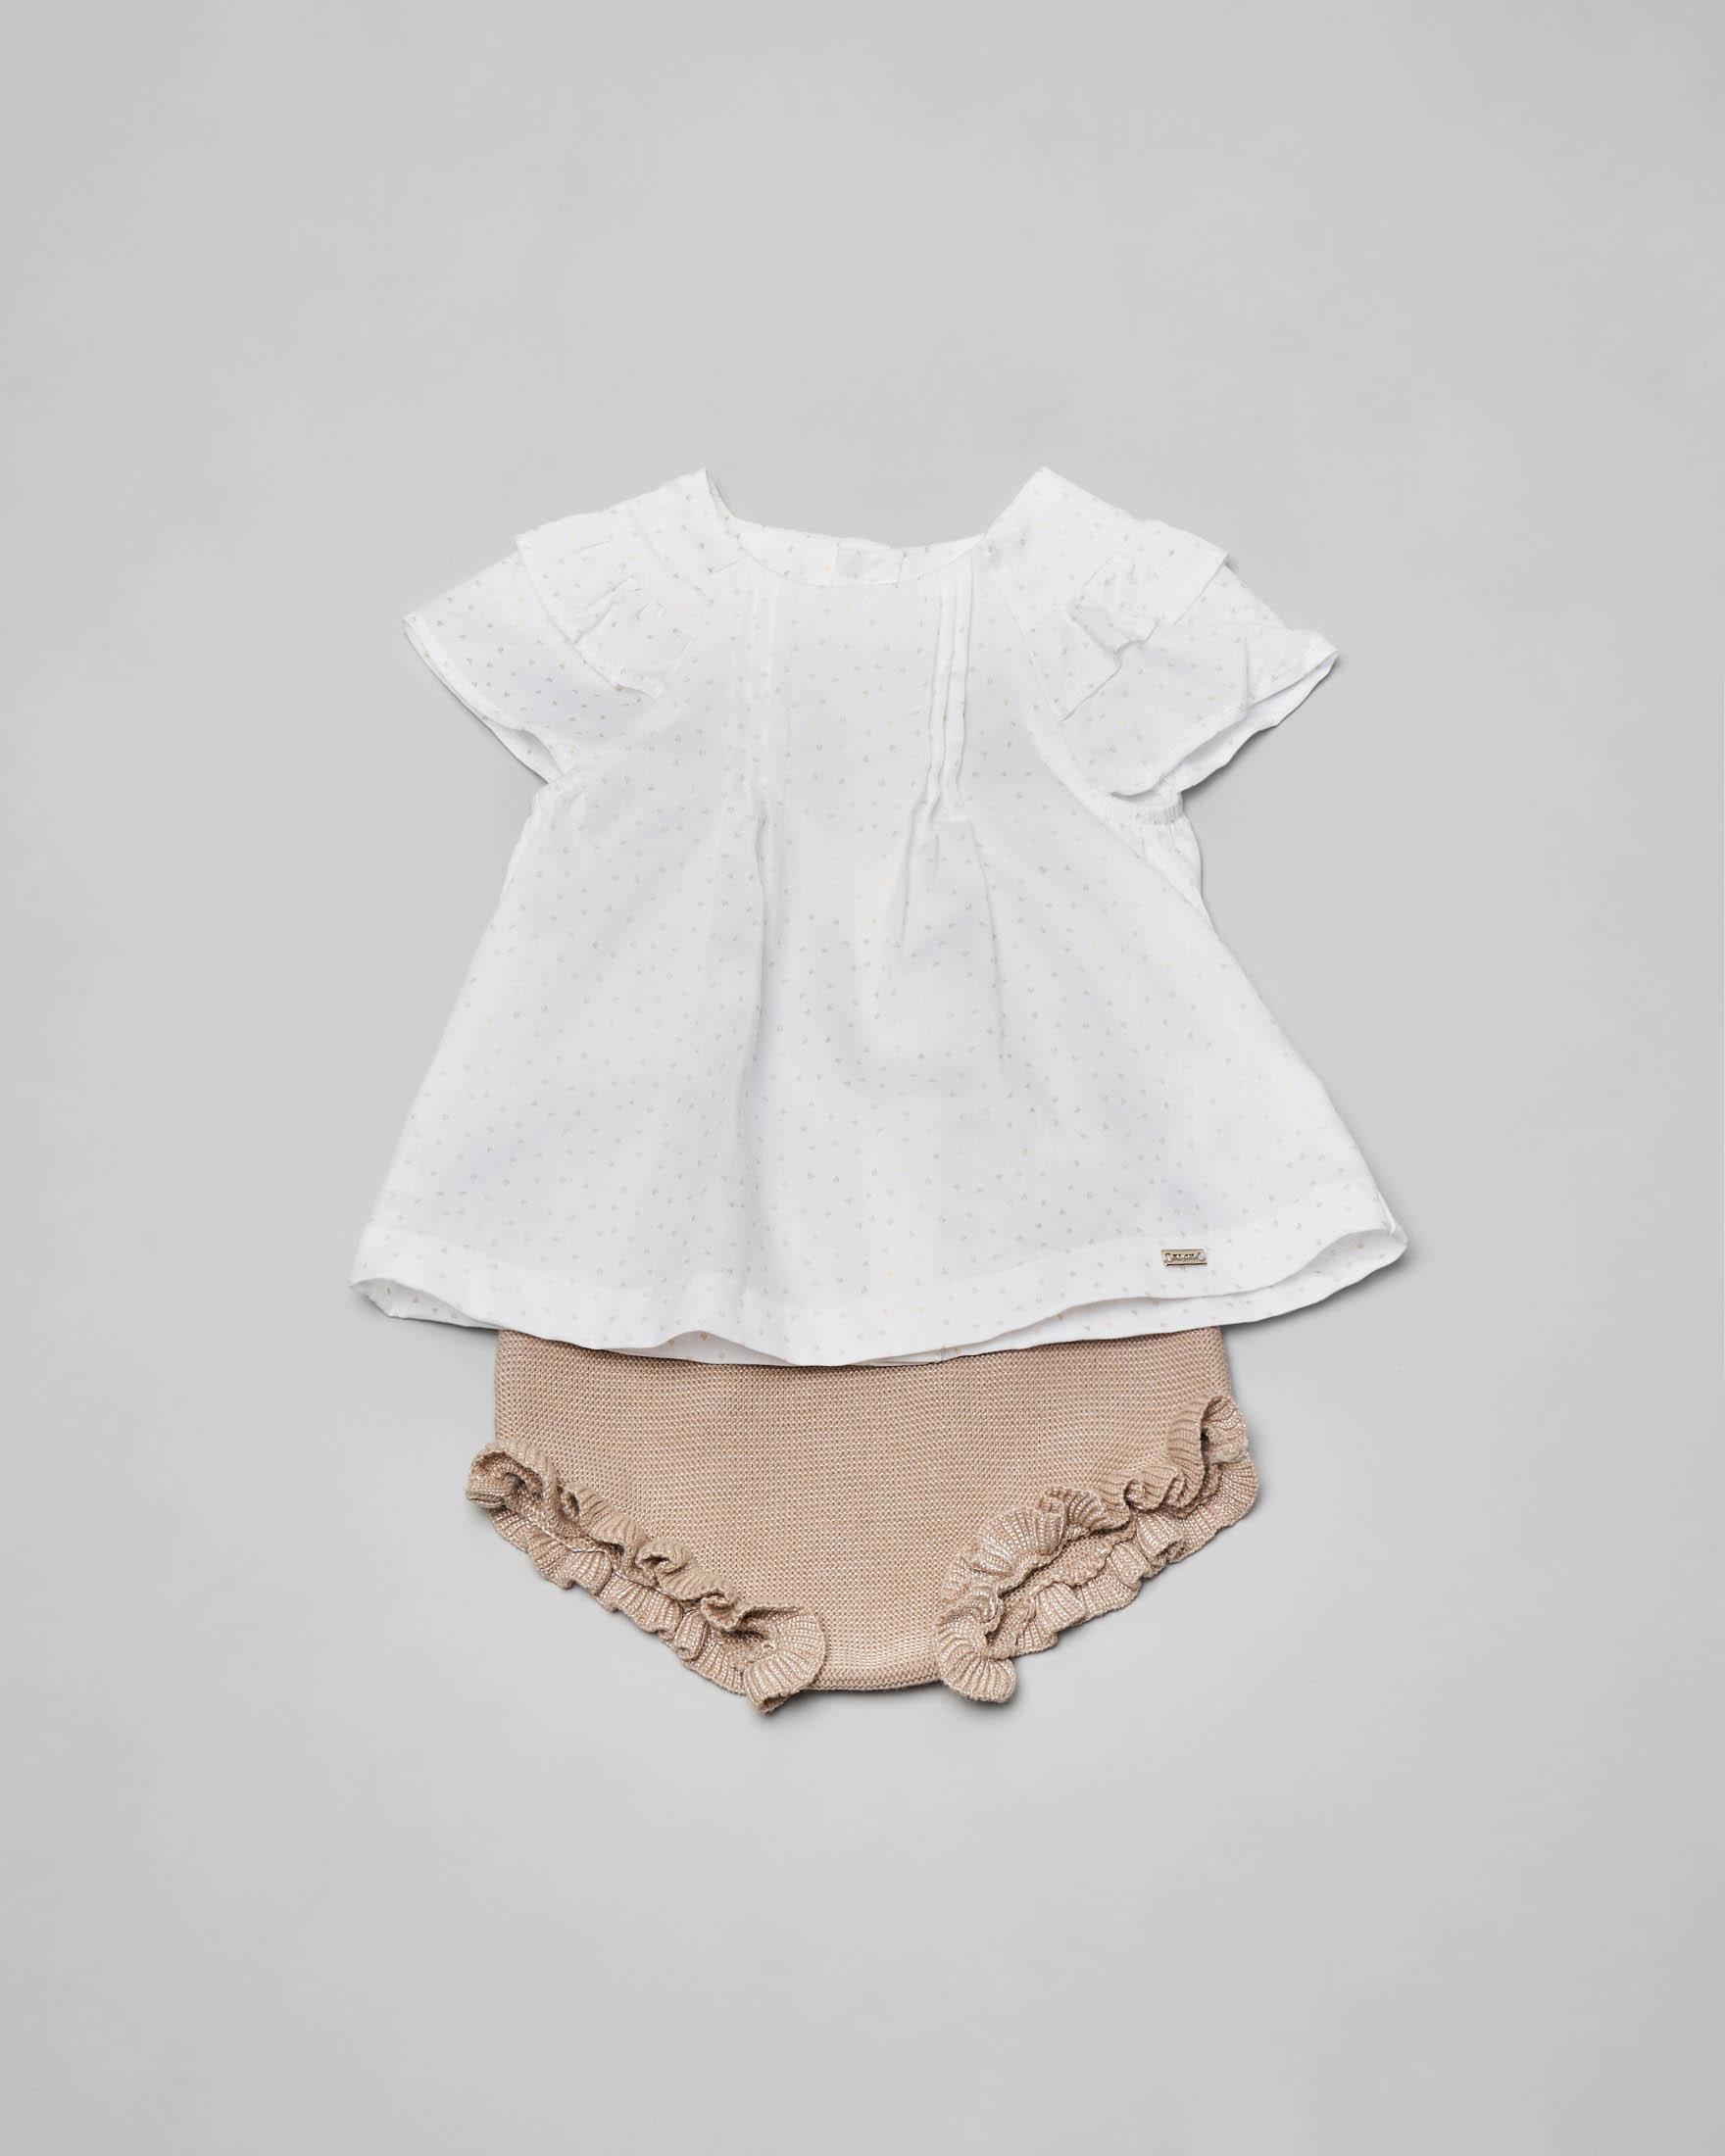 Completo con camicia bianca in cotone e culotte in tricot di cotone e viscosa beige